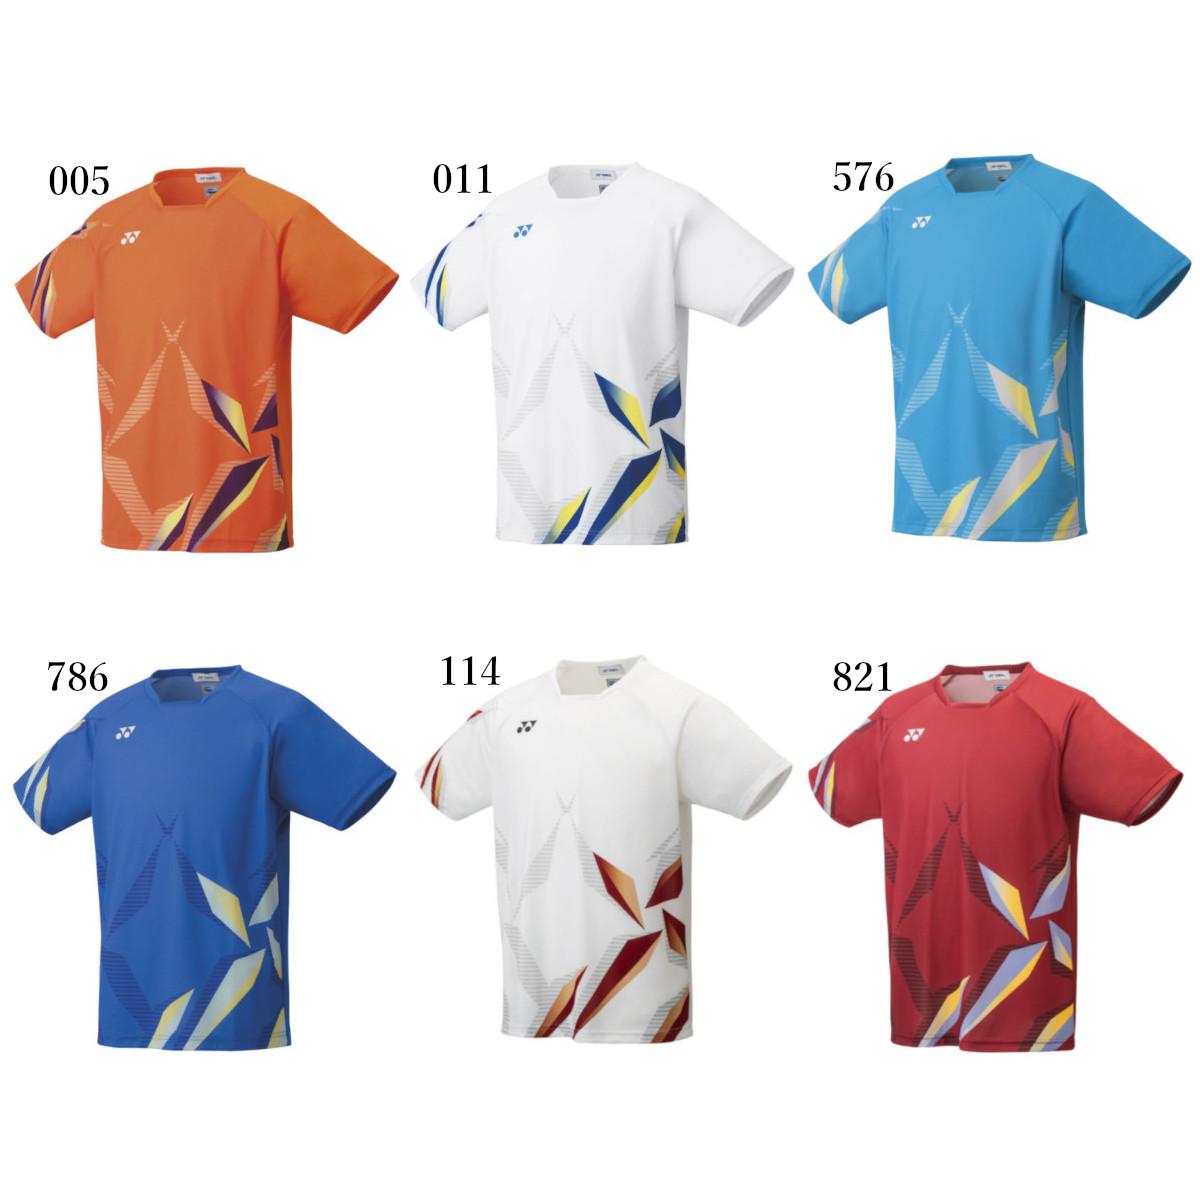 ヨネックス ゲームシャツ(フィットスタイル) 10407 メンズ 2021SS バドミントン テニス ソフトテニス ゆうパケット(メール便)対応